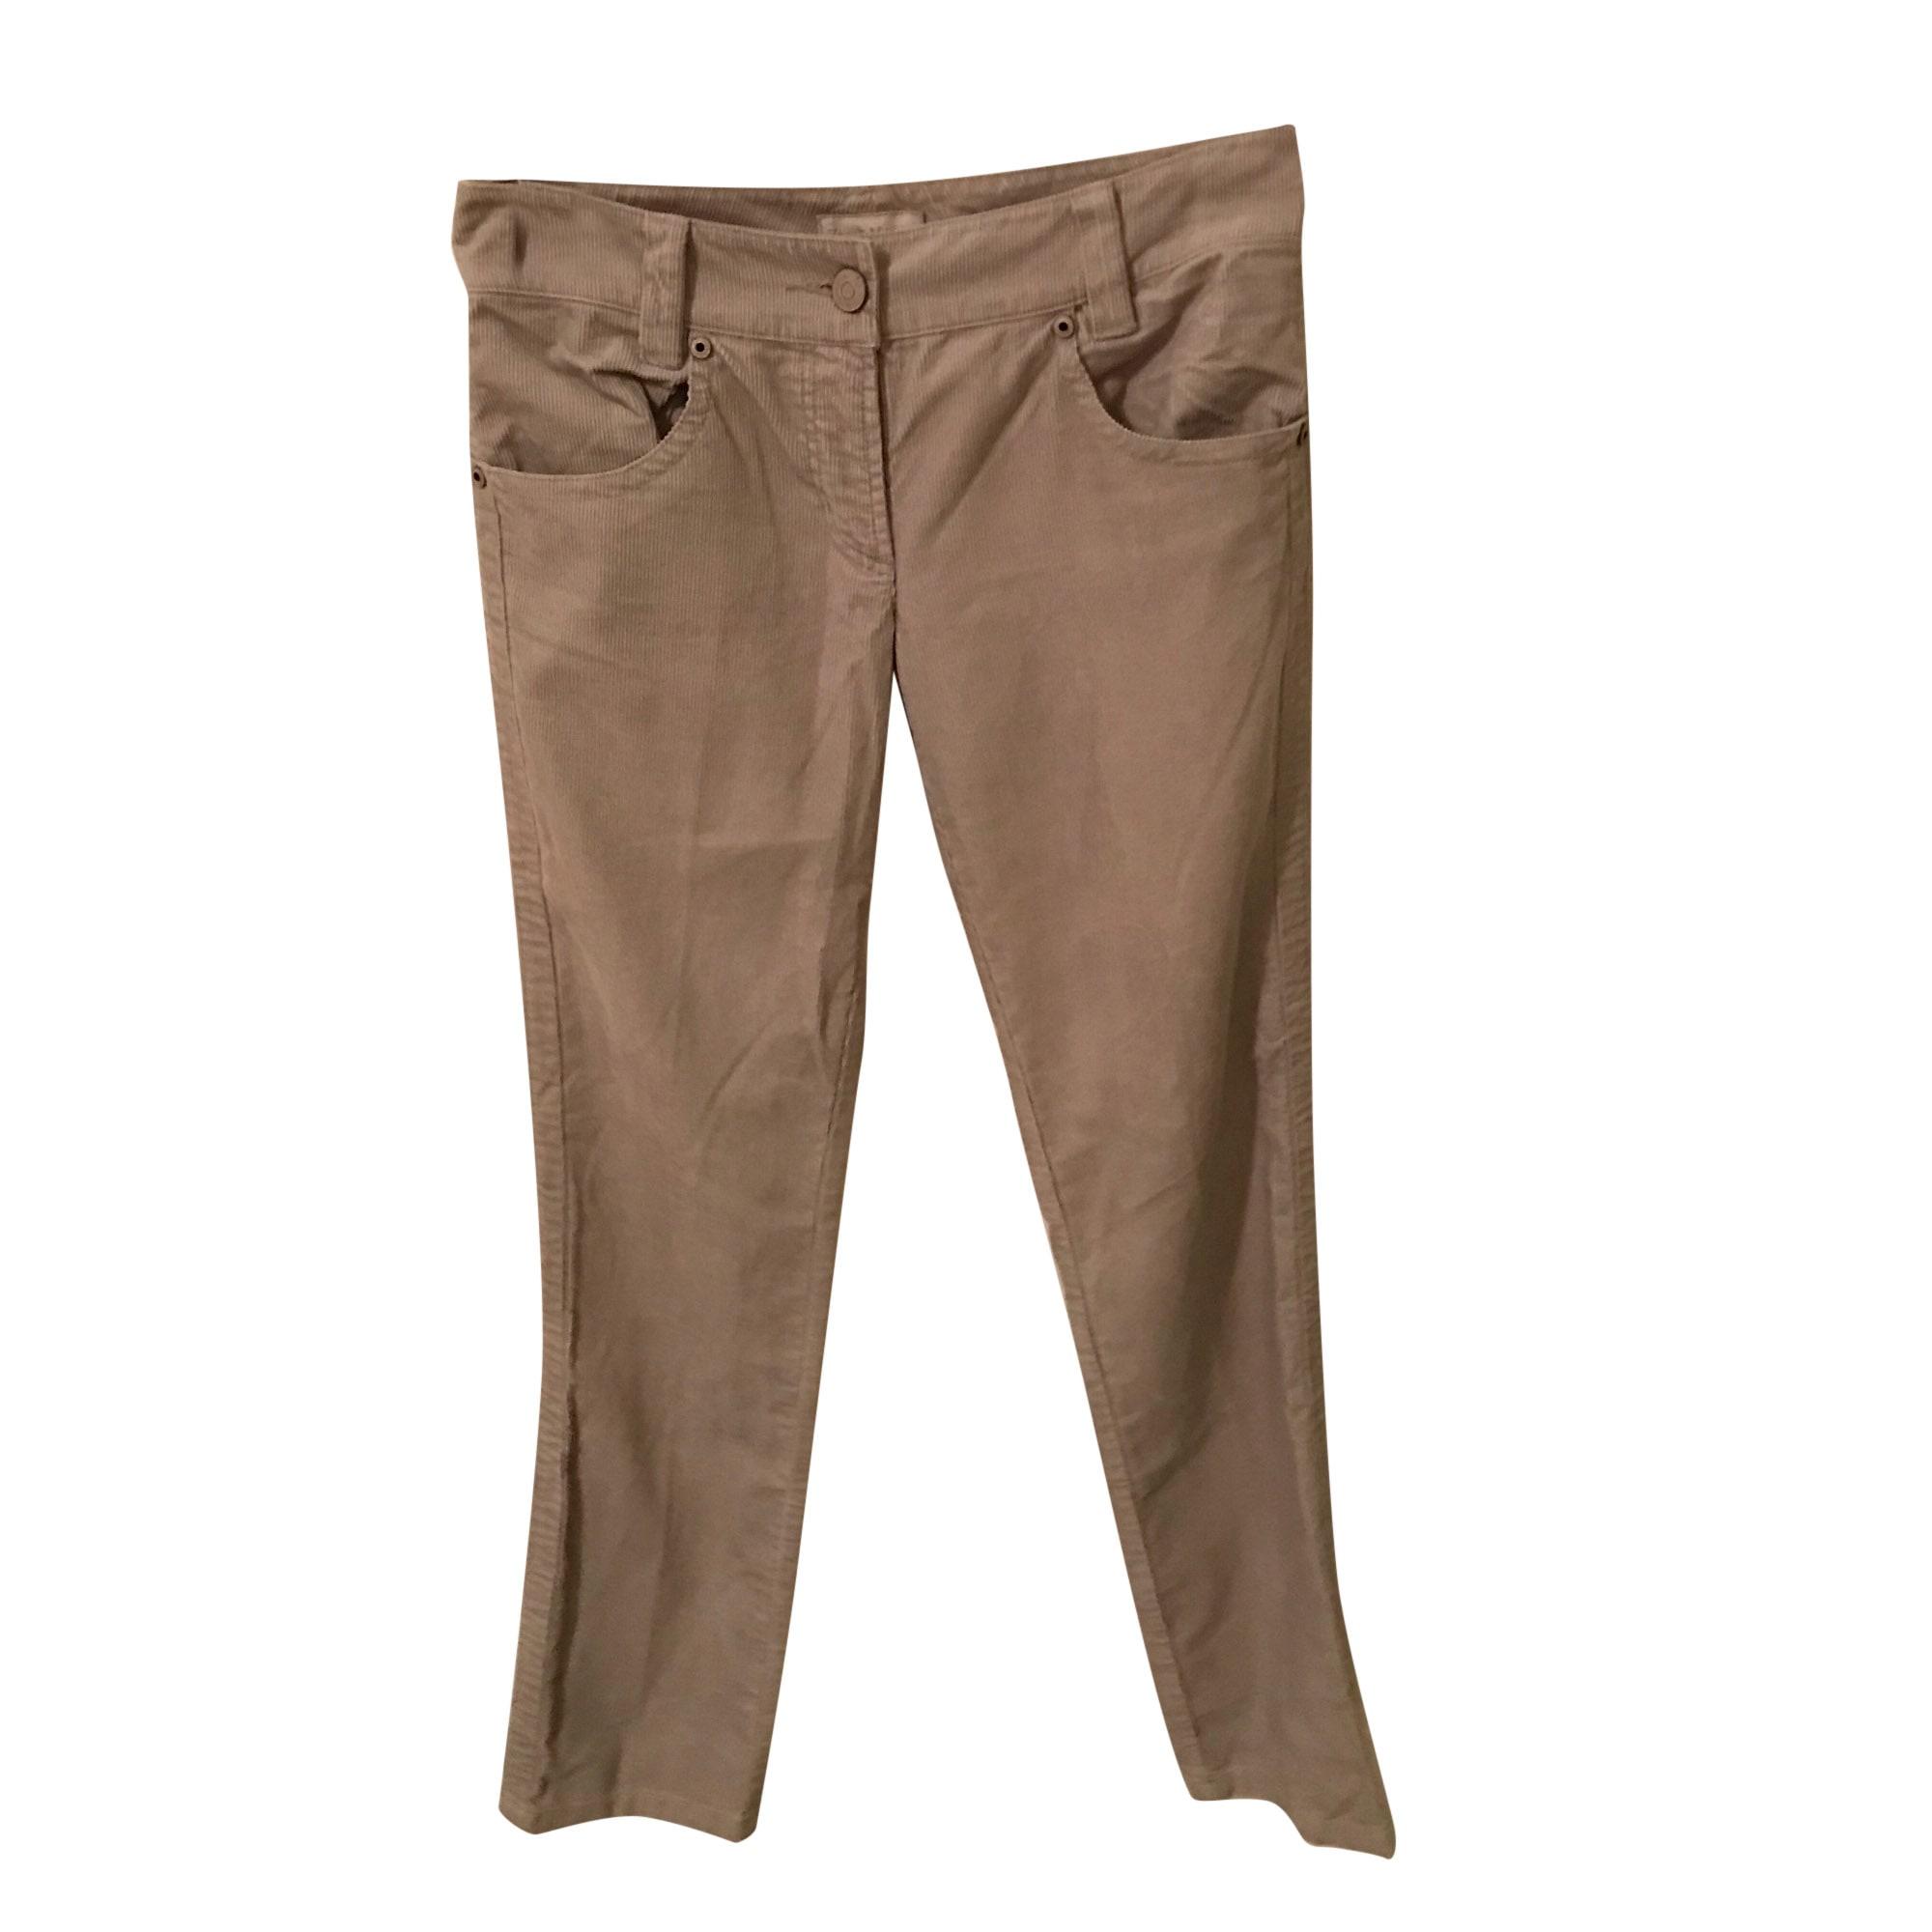 Pantalon droit ZADIG & VOLTAIRE Cendré